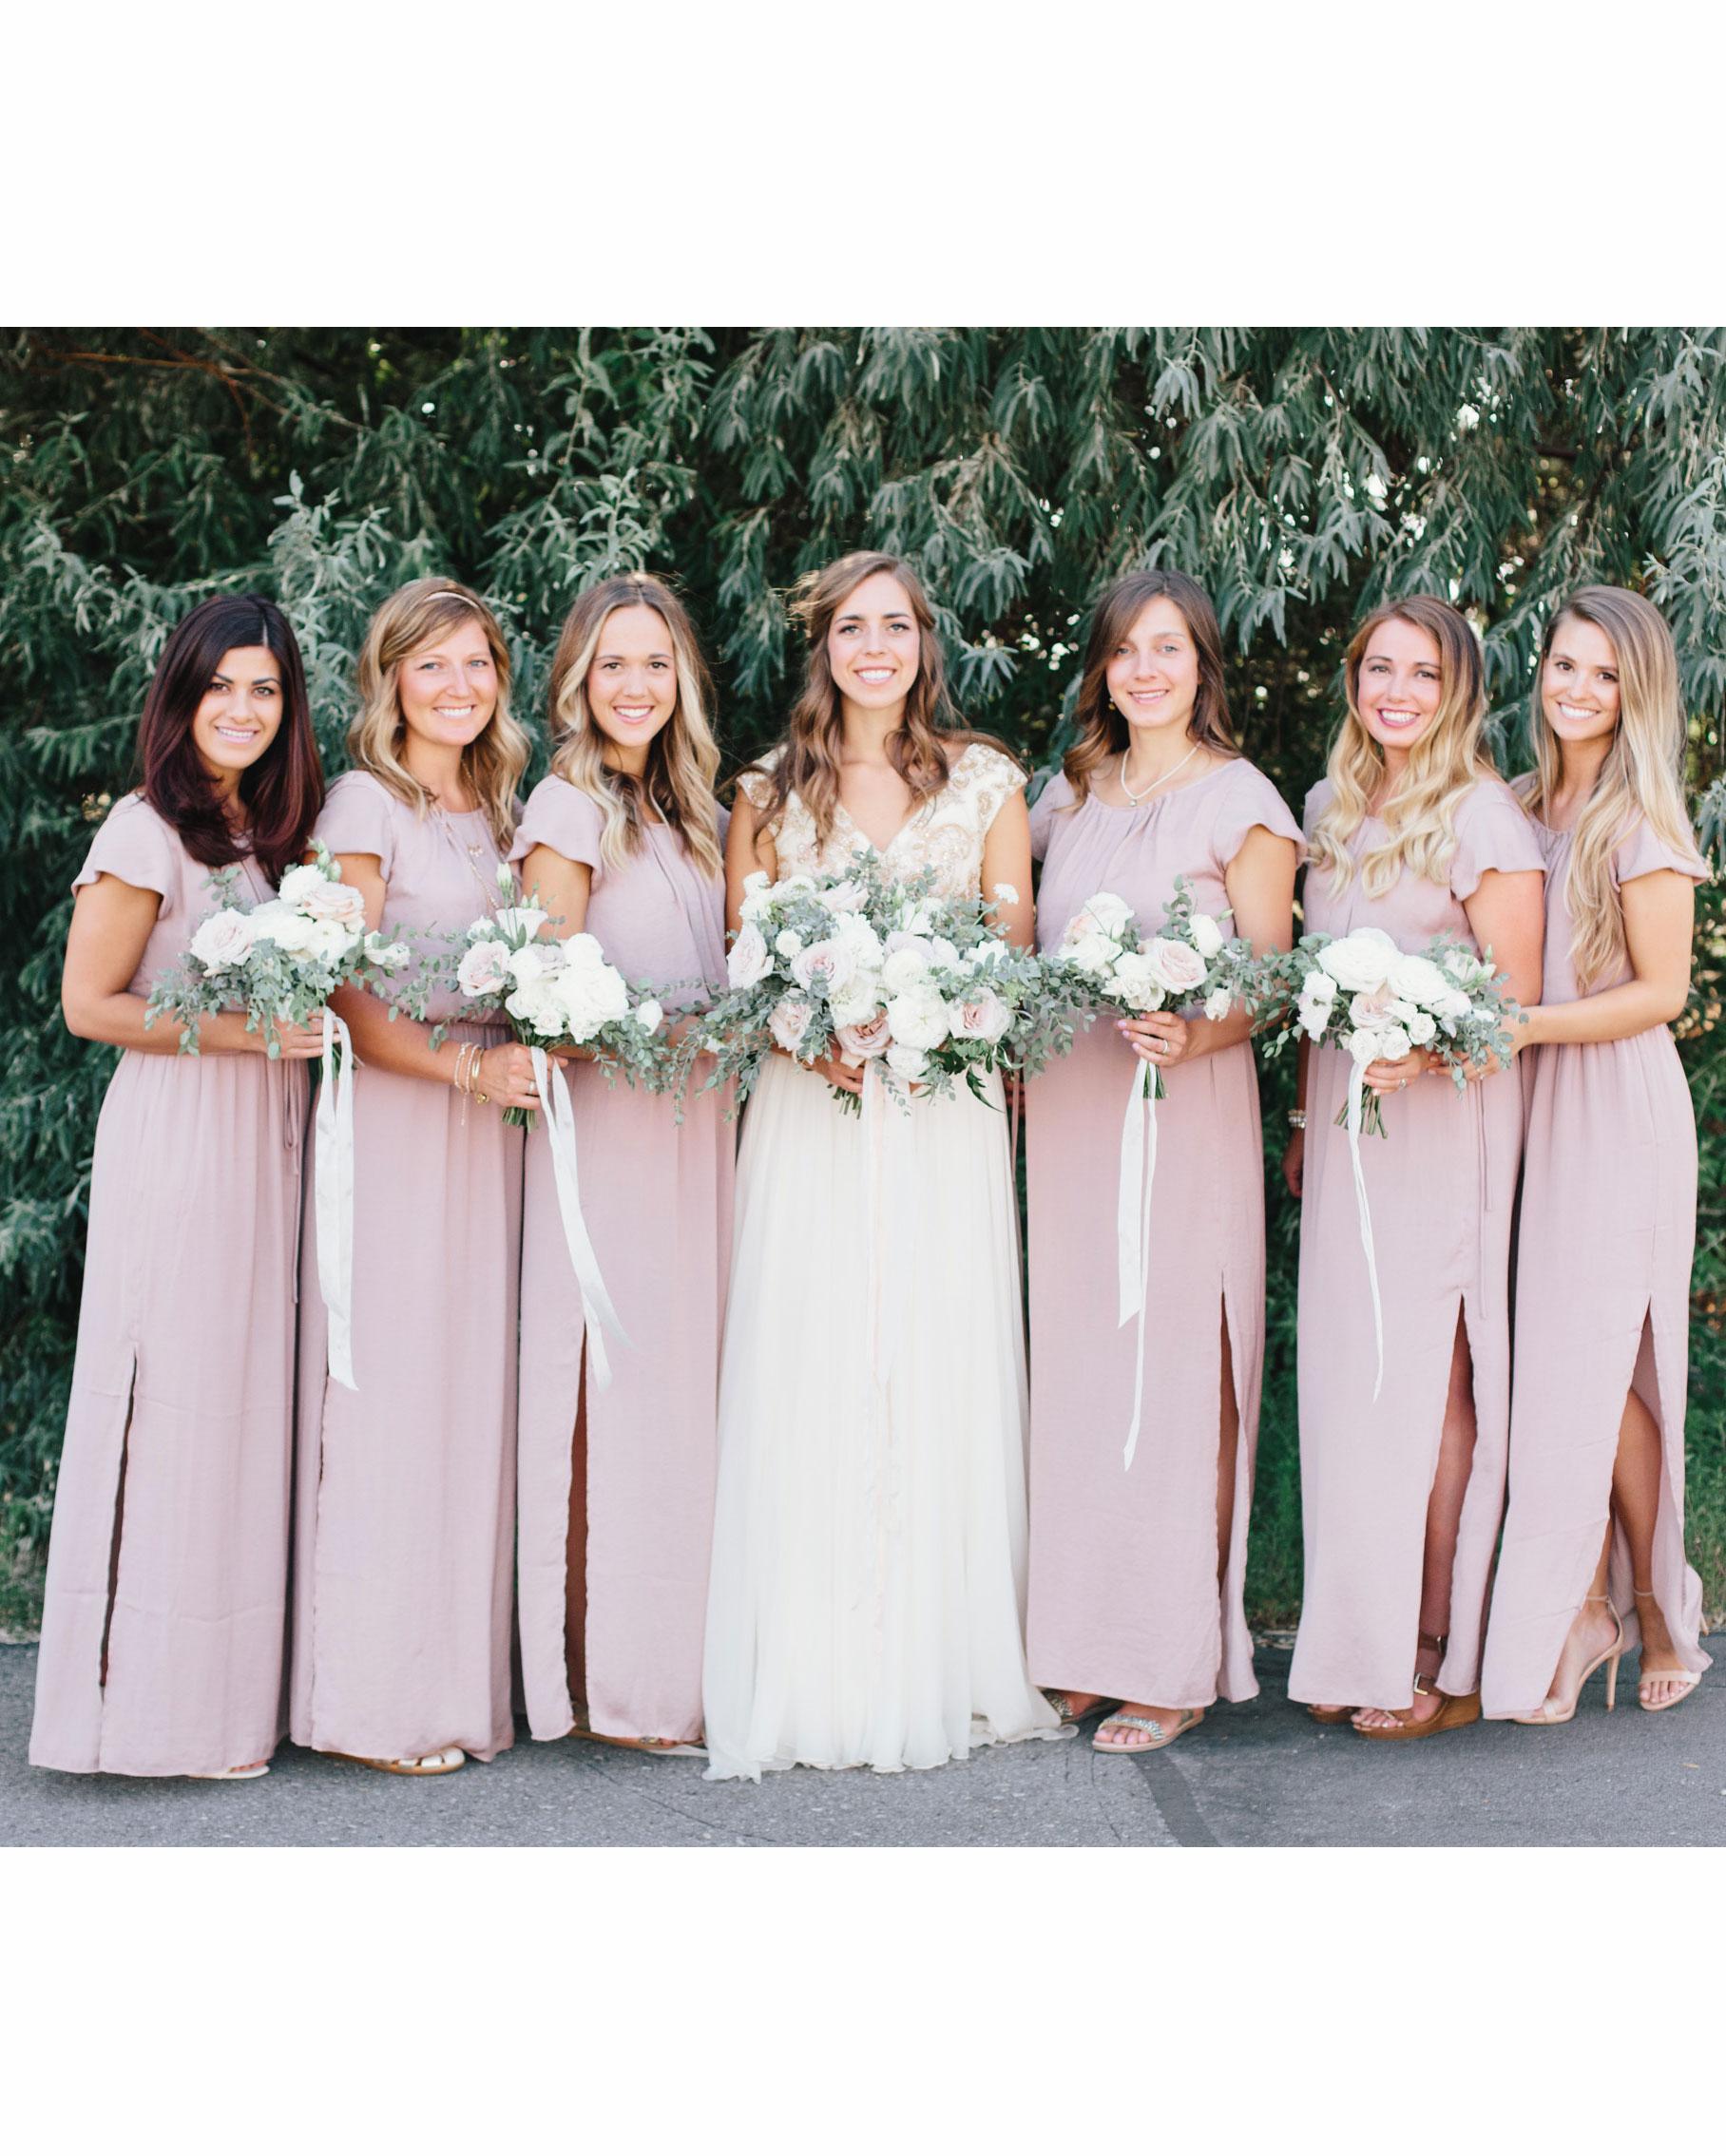 mackenzie-boman-wedding-bridesmaids-159-s112693-0316.jpg